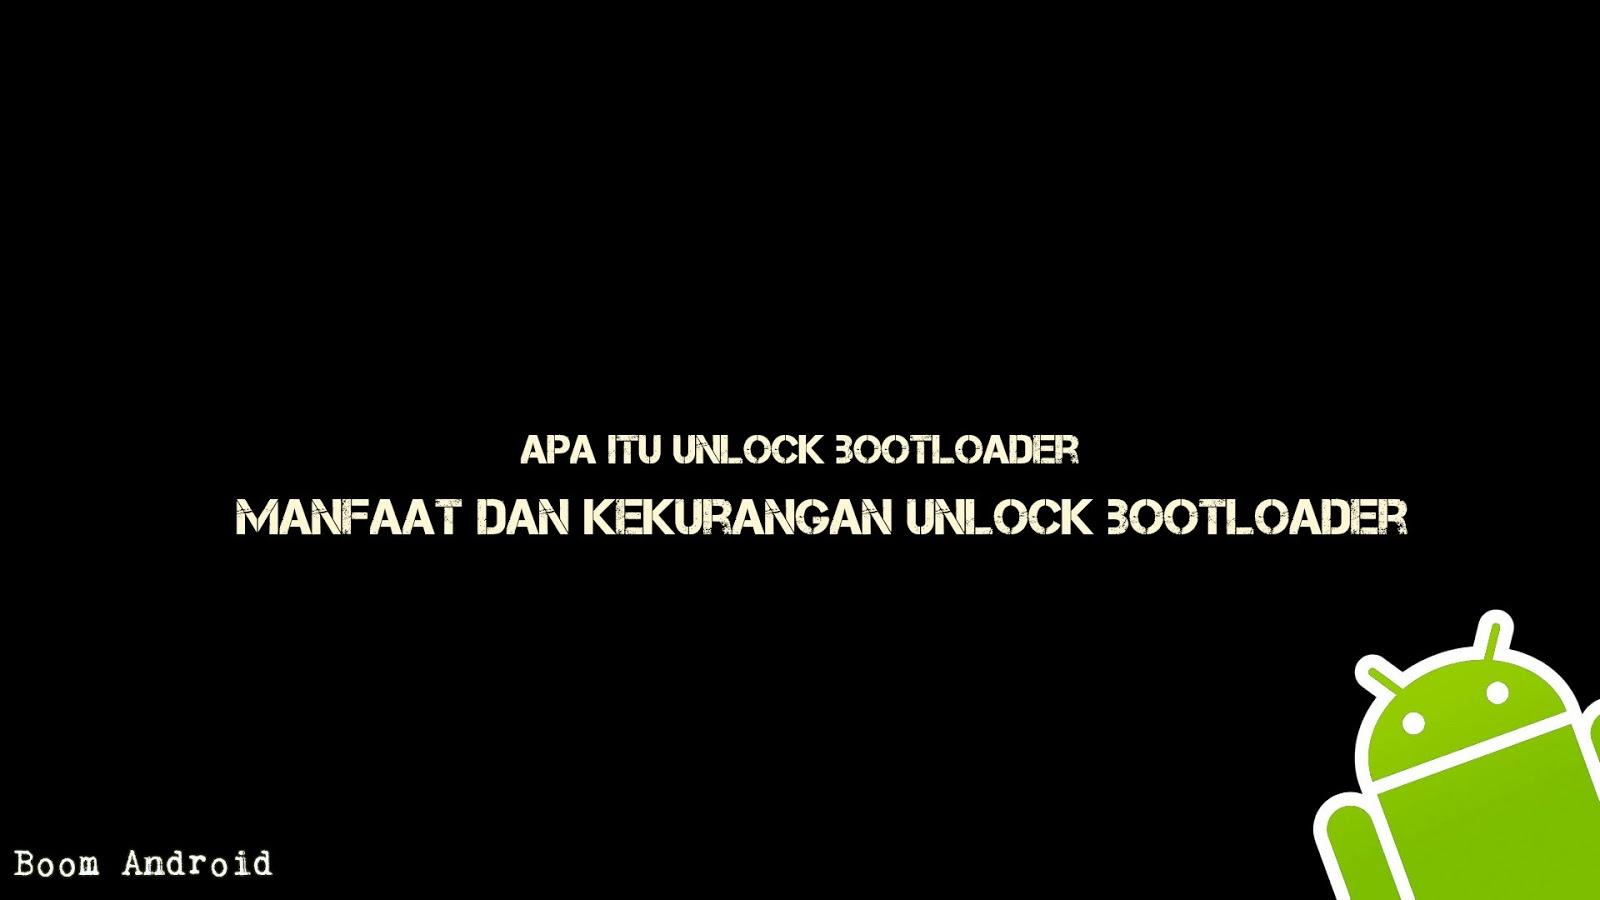 apa itu unlock bootloader, manfaat dan kekurangan unlock bootloader